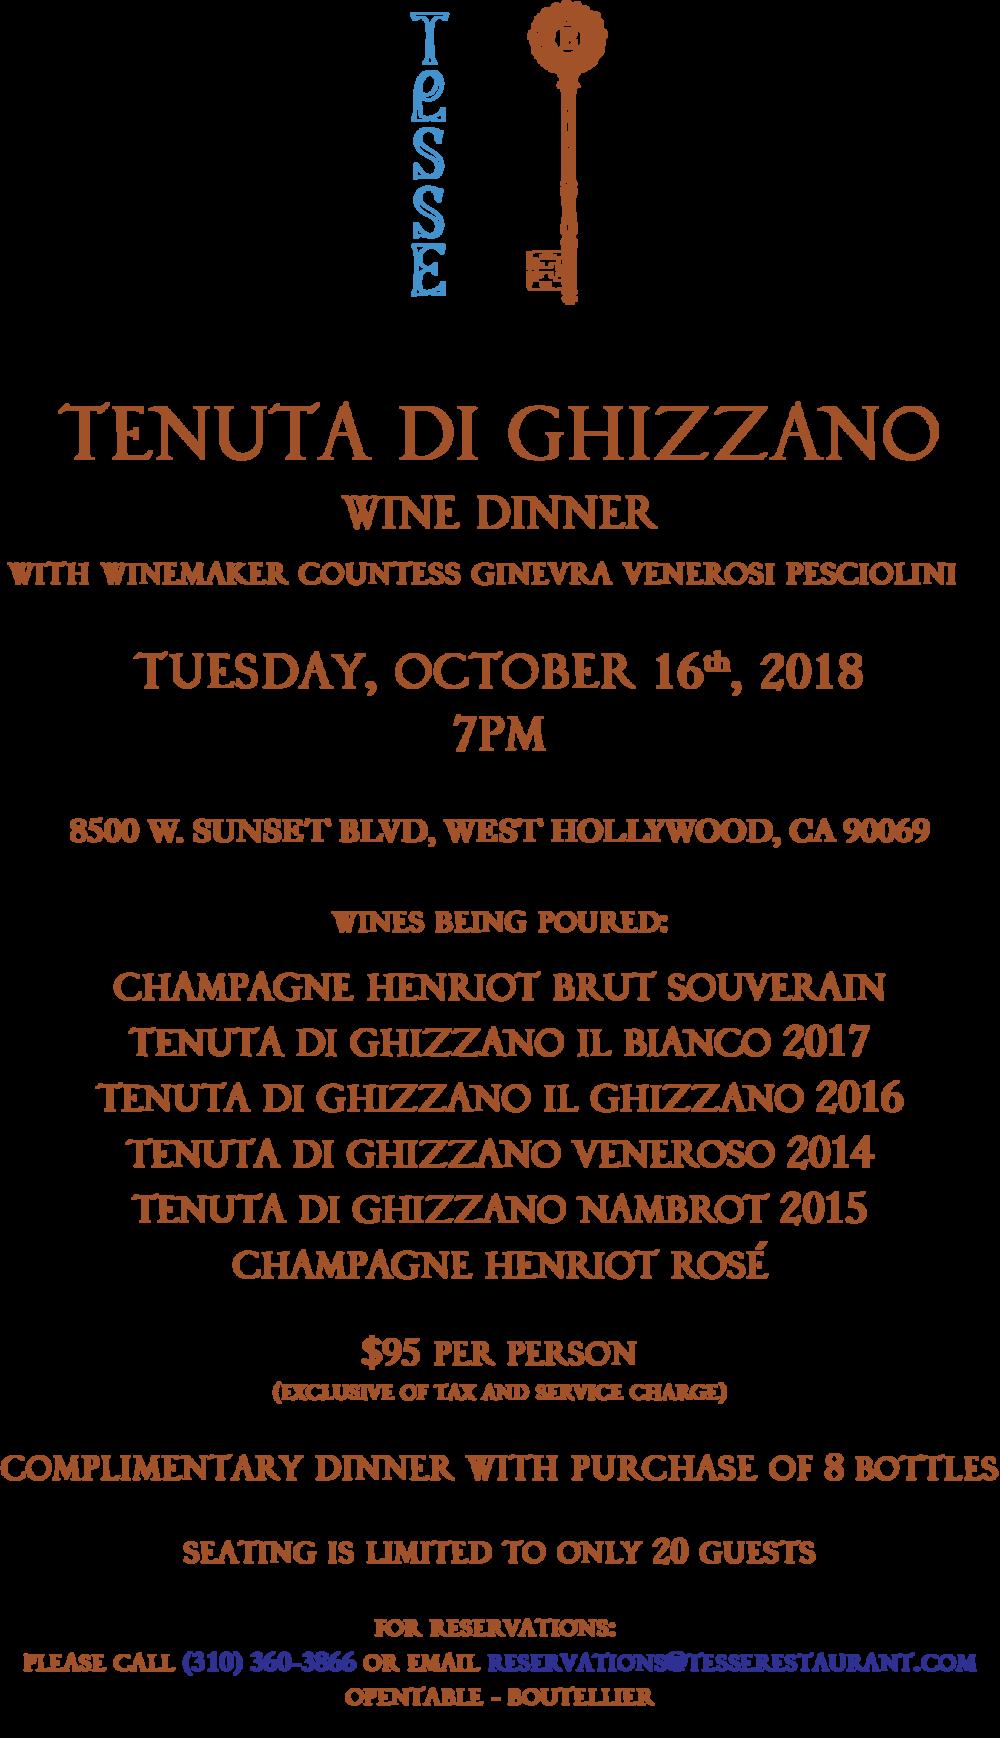 Tenuta di Ghizzano Wine Dinner Invite.png